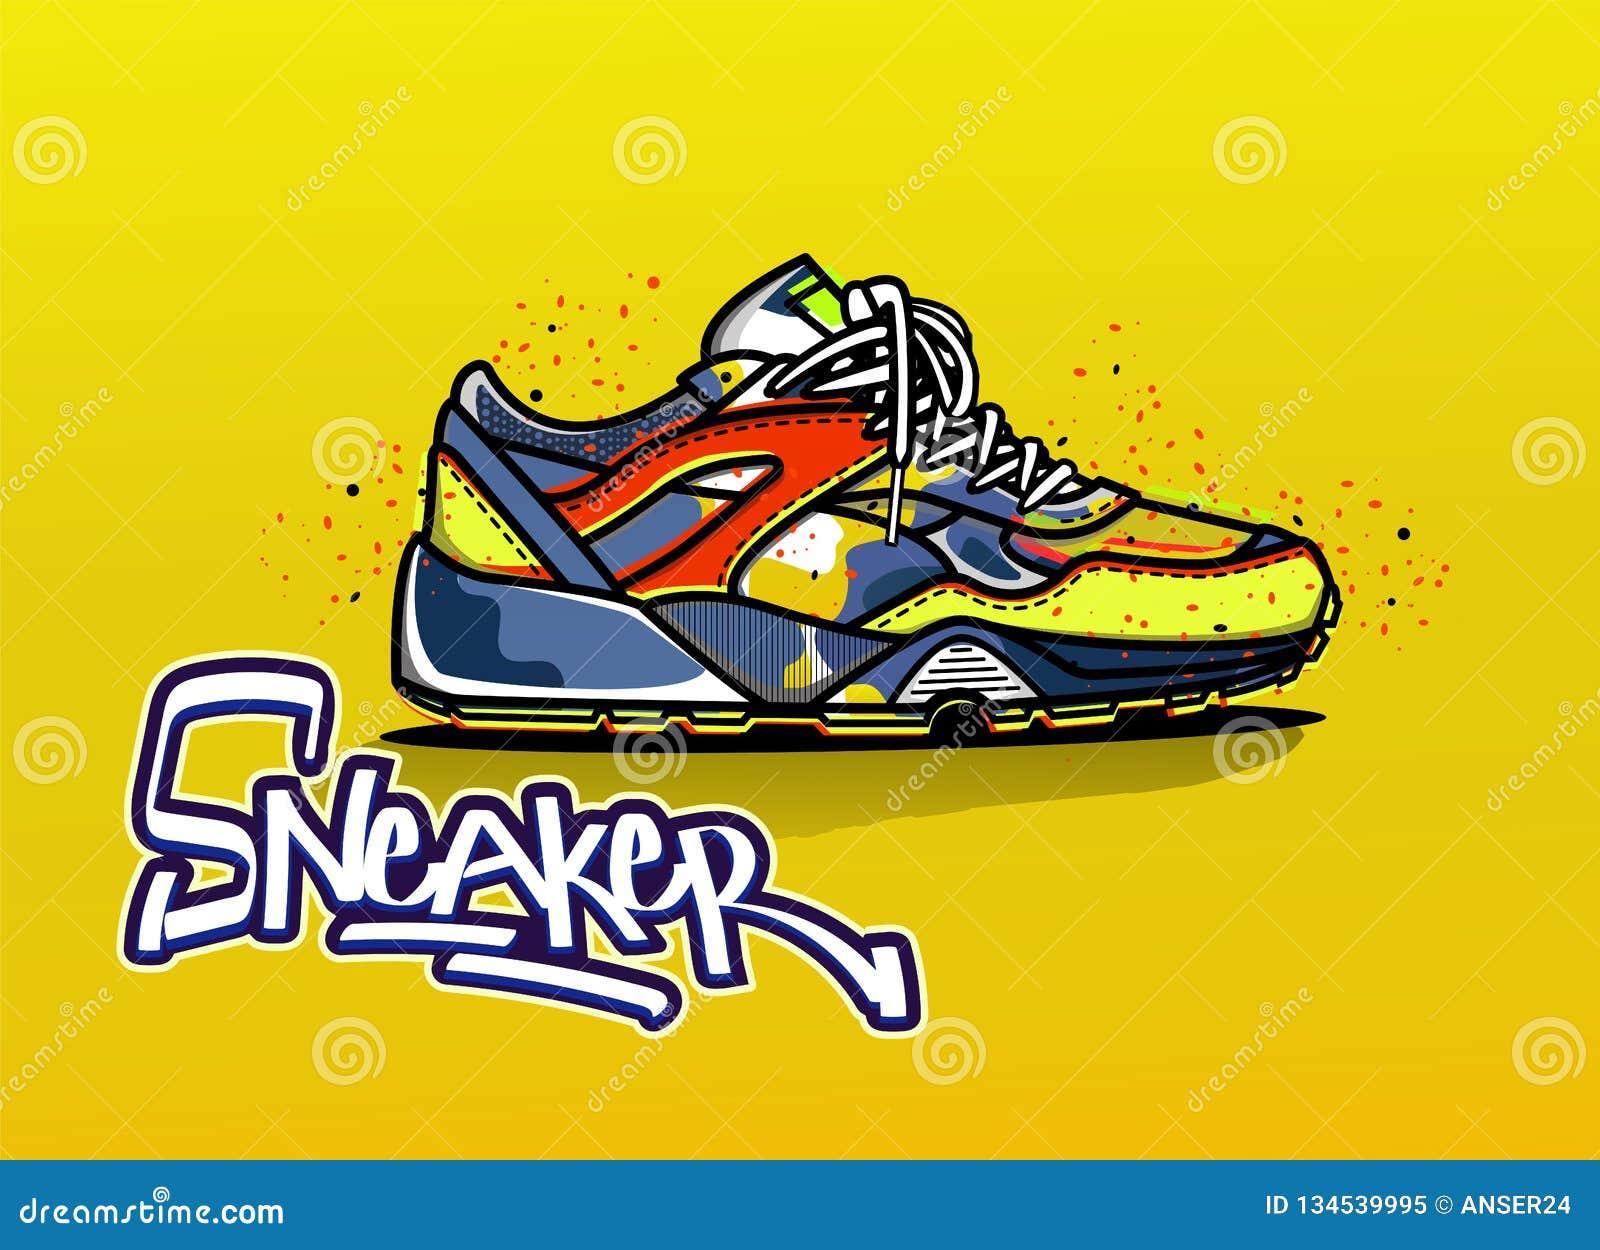 Ejemplo de zapatillas de deporte en color Diviértase los zapatos